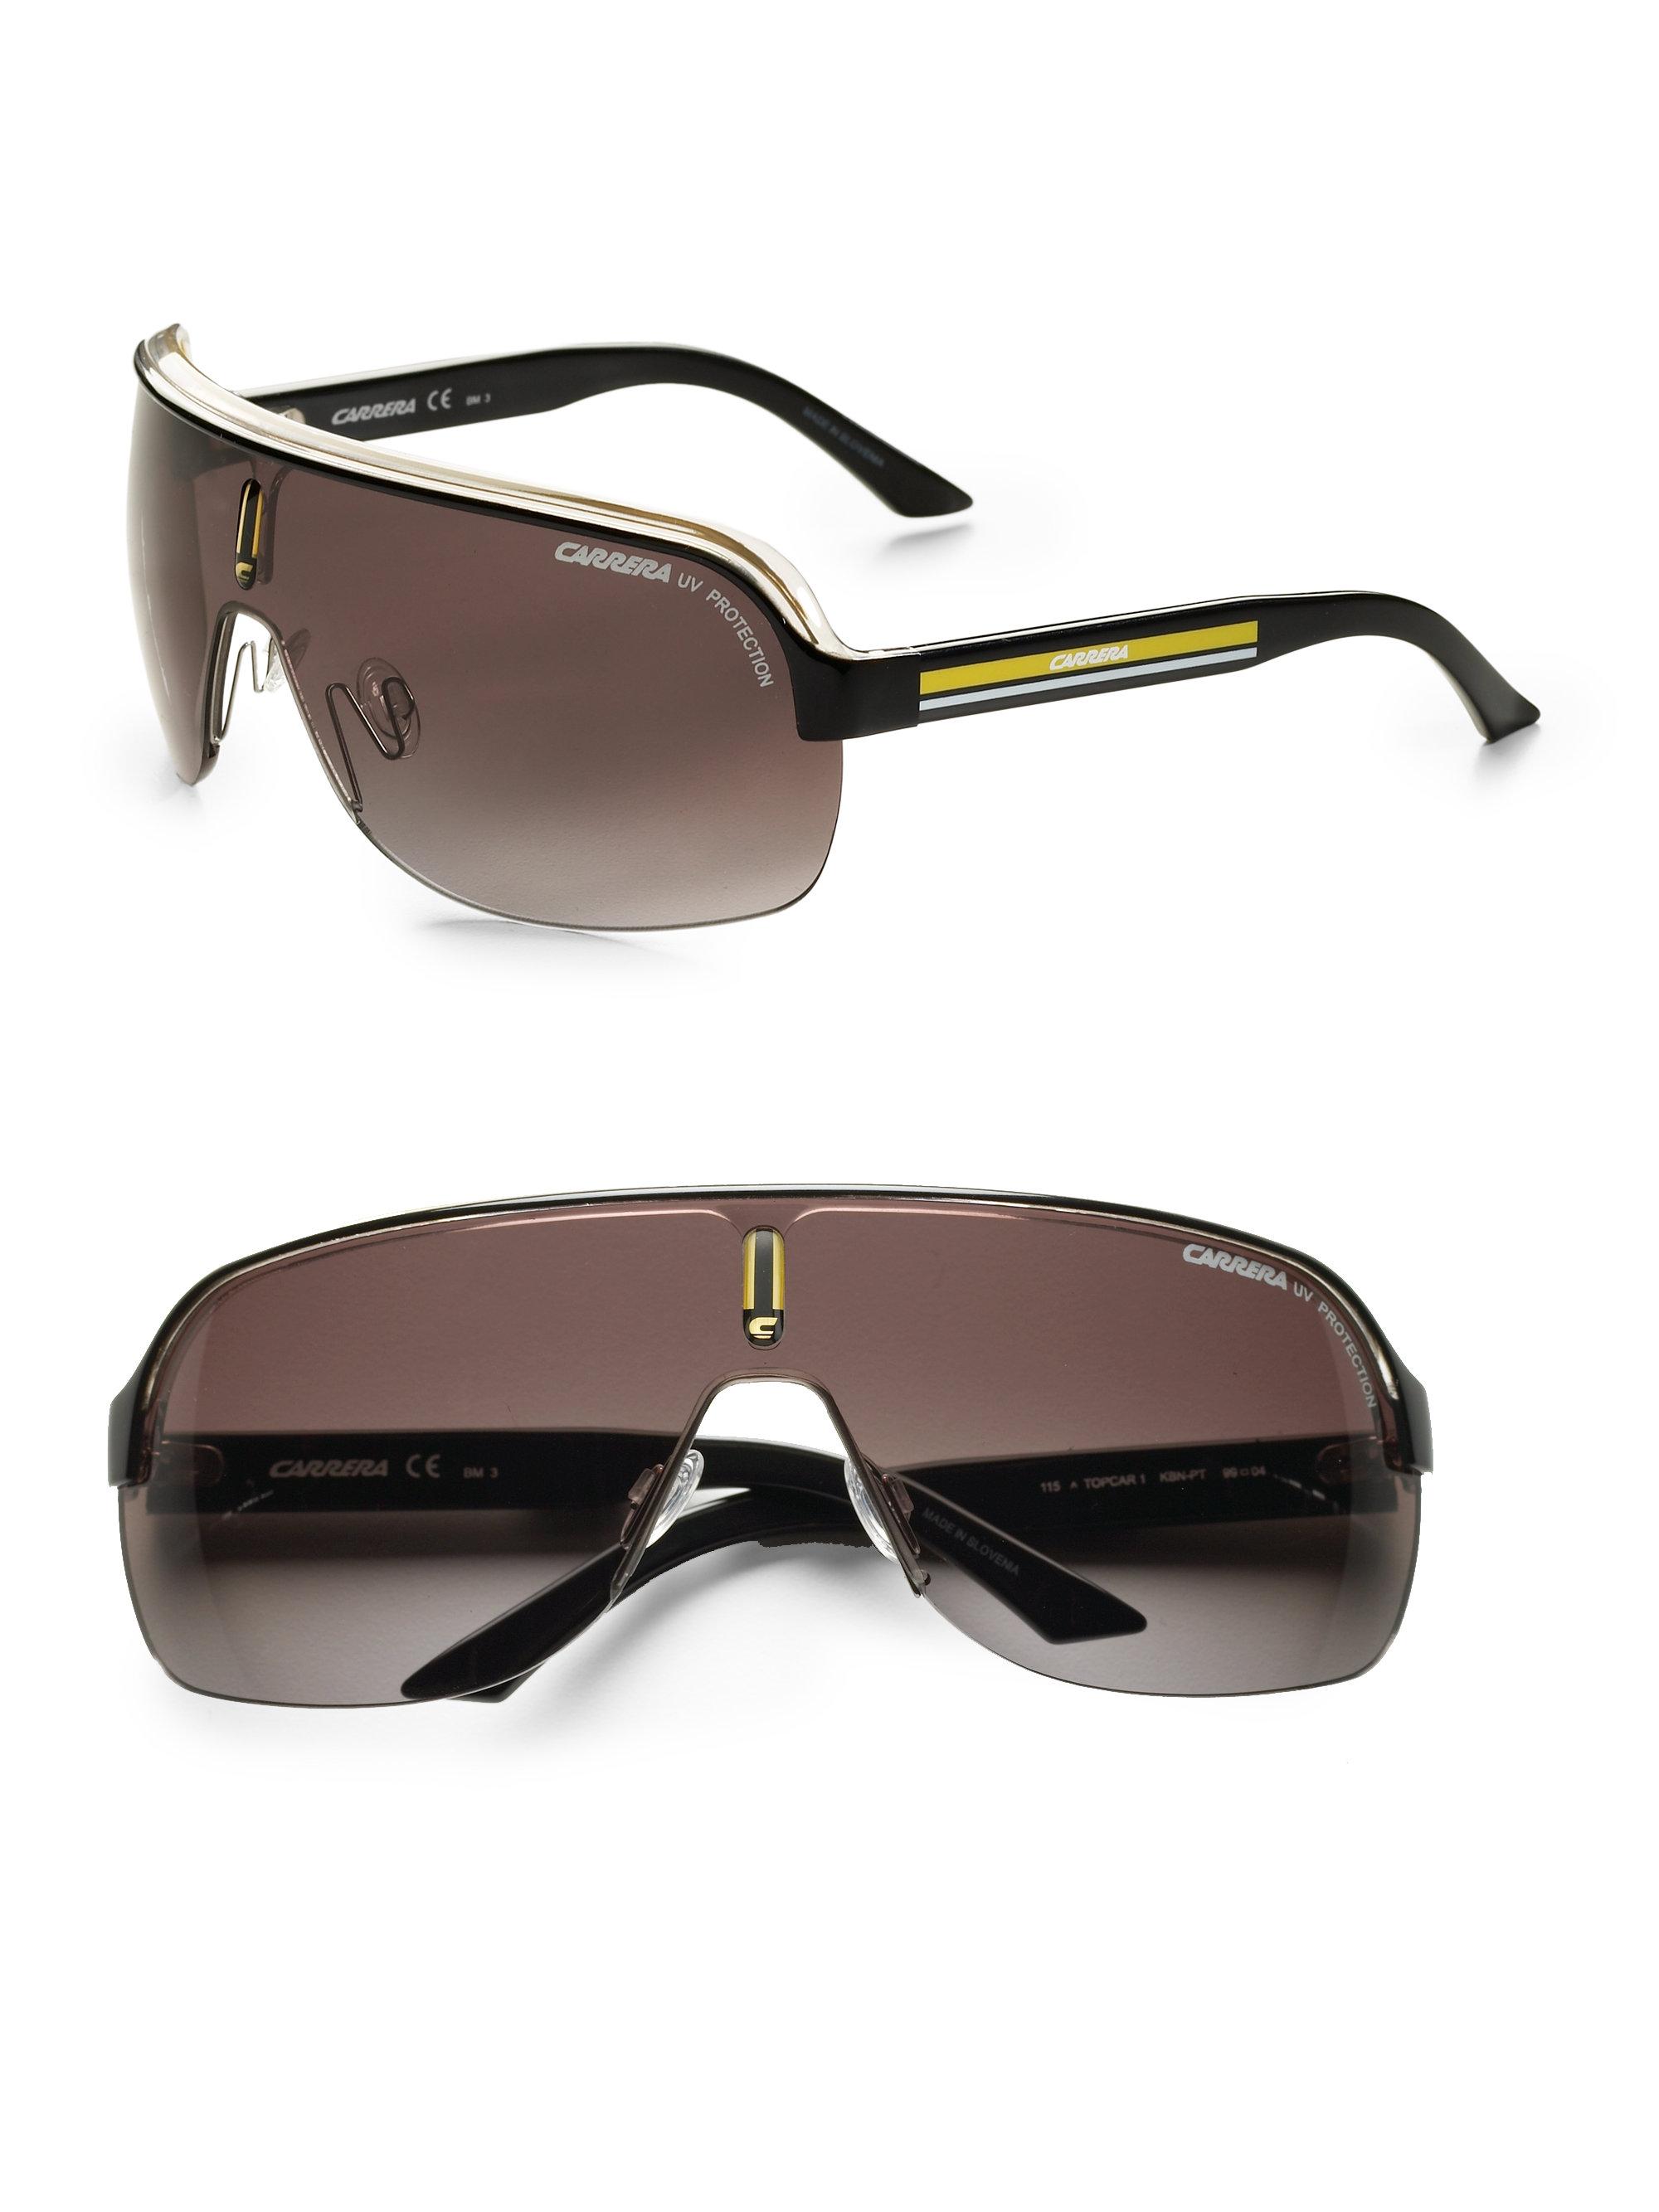 Lyst - Carrera Topcar Shield Sunglasses in Brown for Men e18356e484